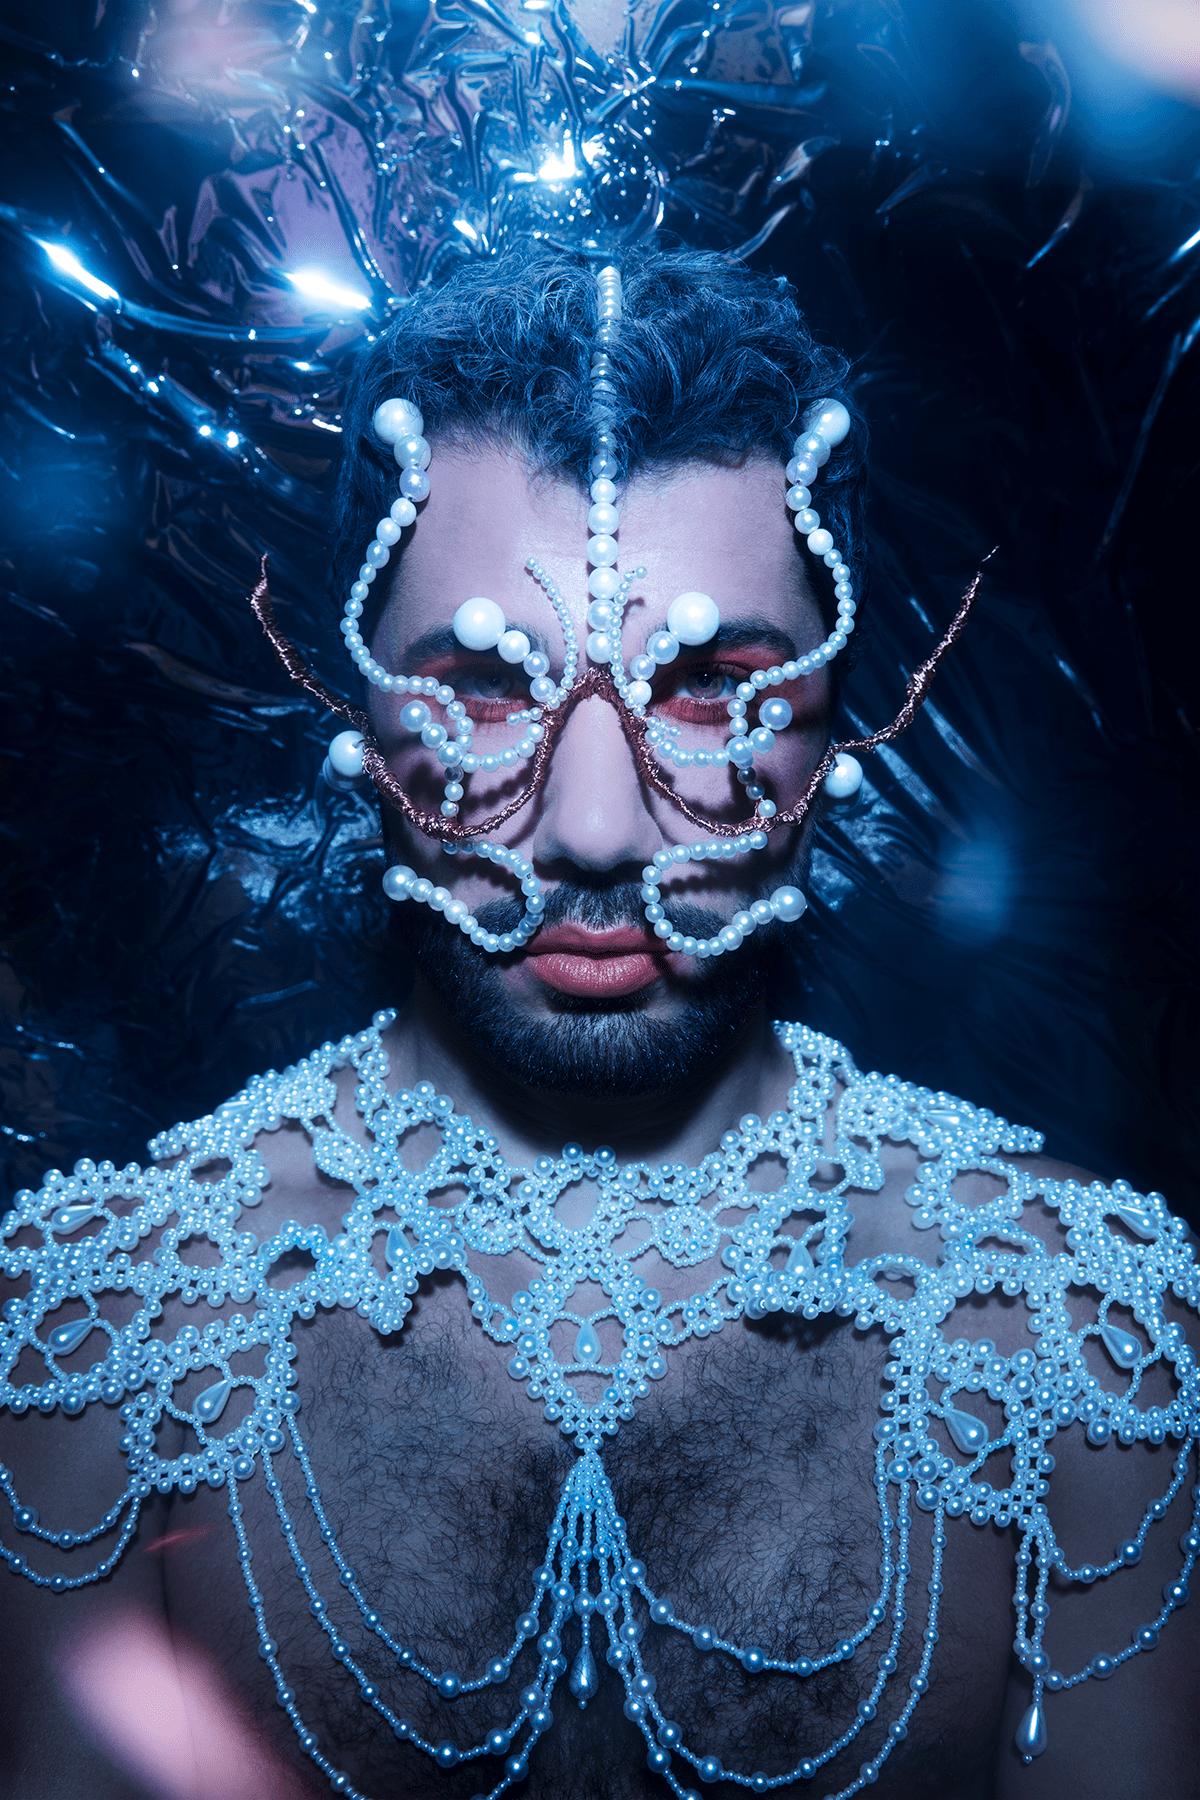 Ahmad Joudeh x Studio Rik Versteeg